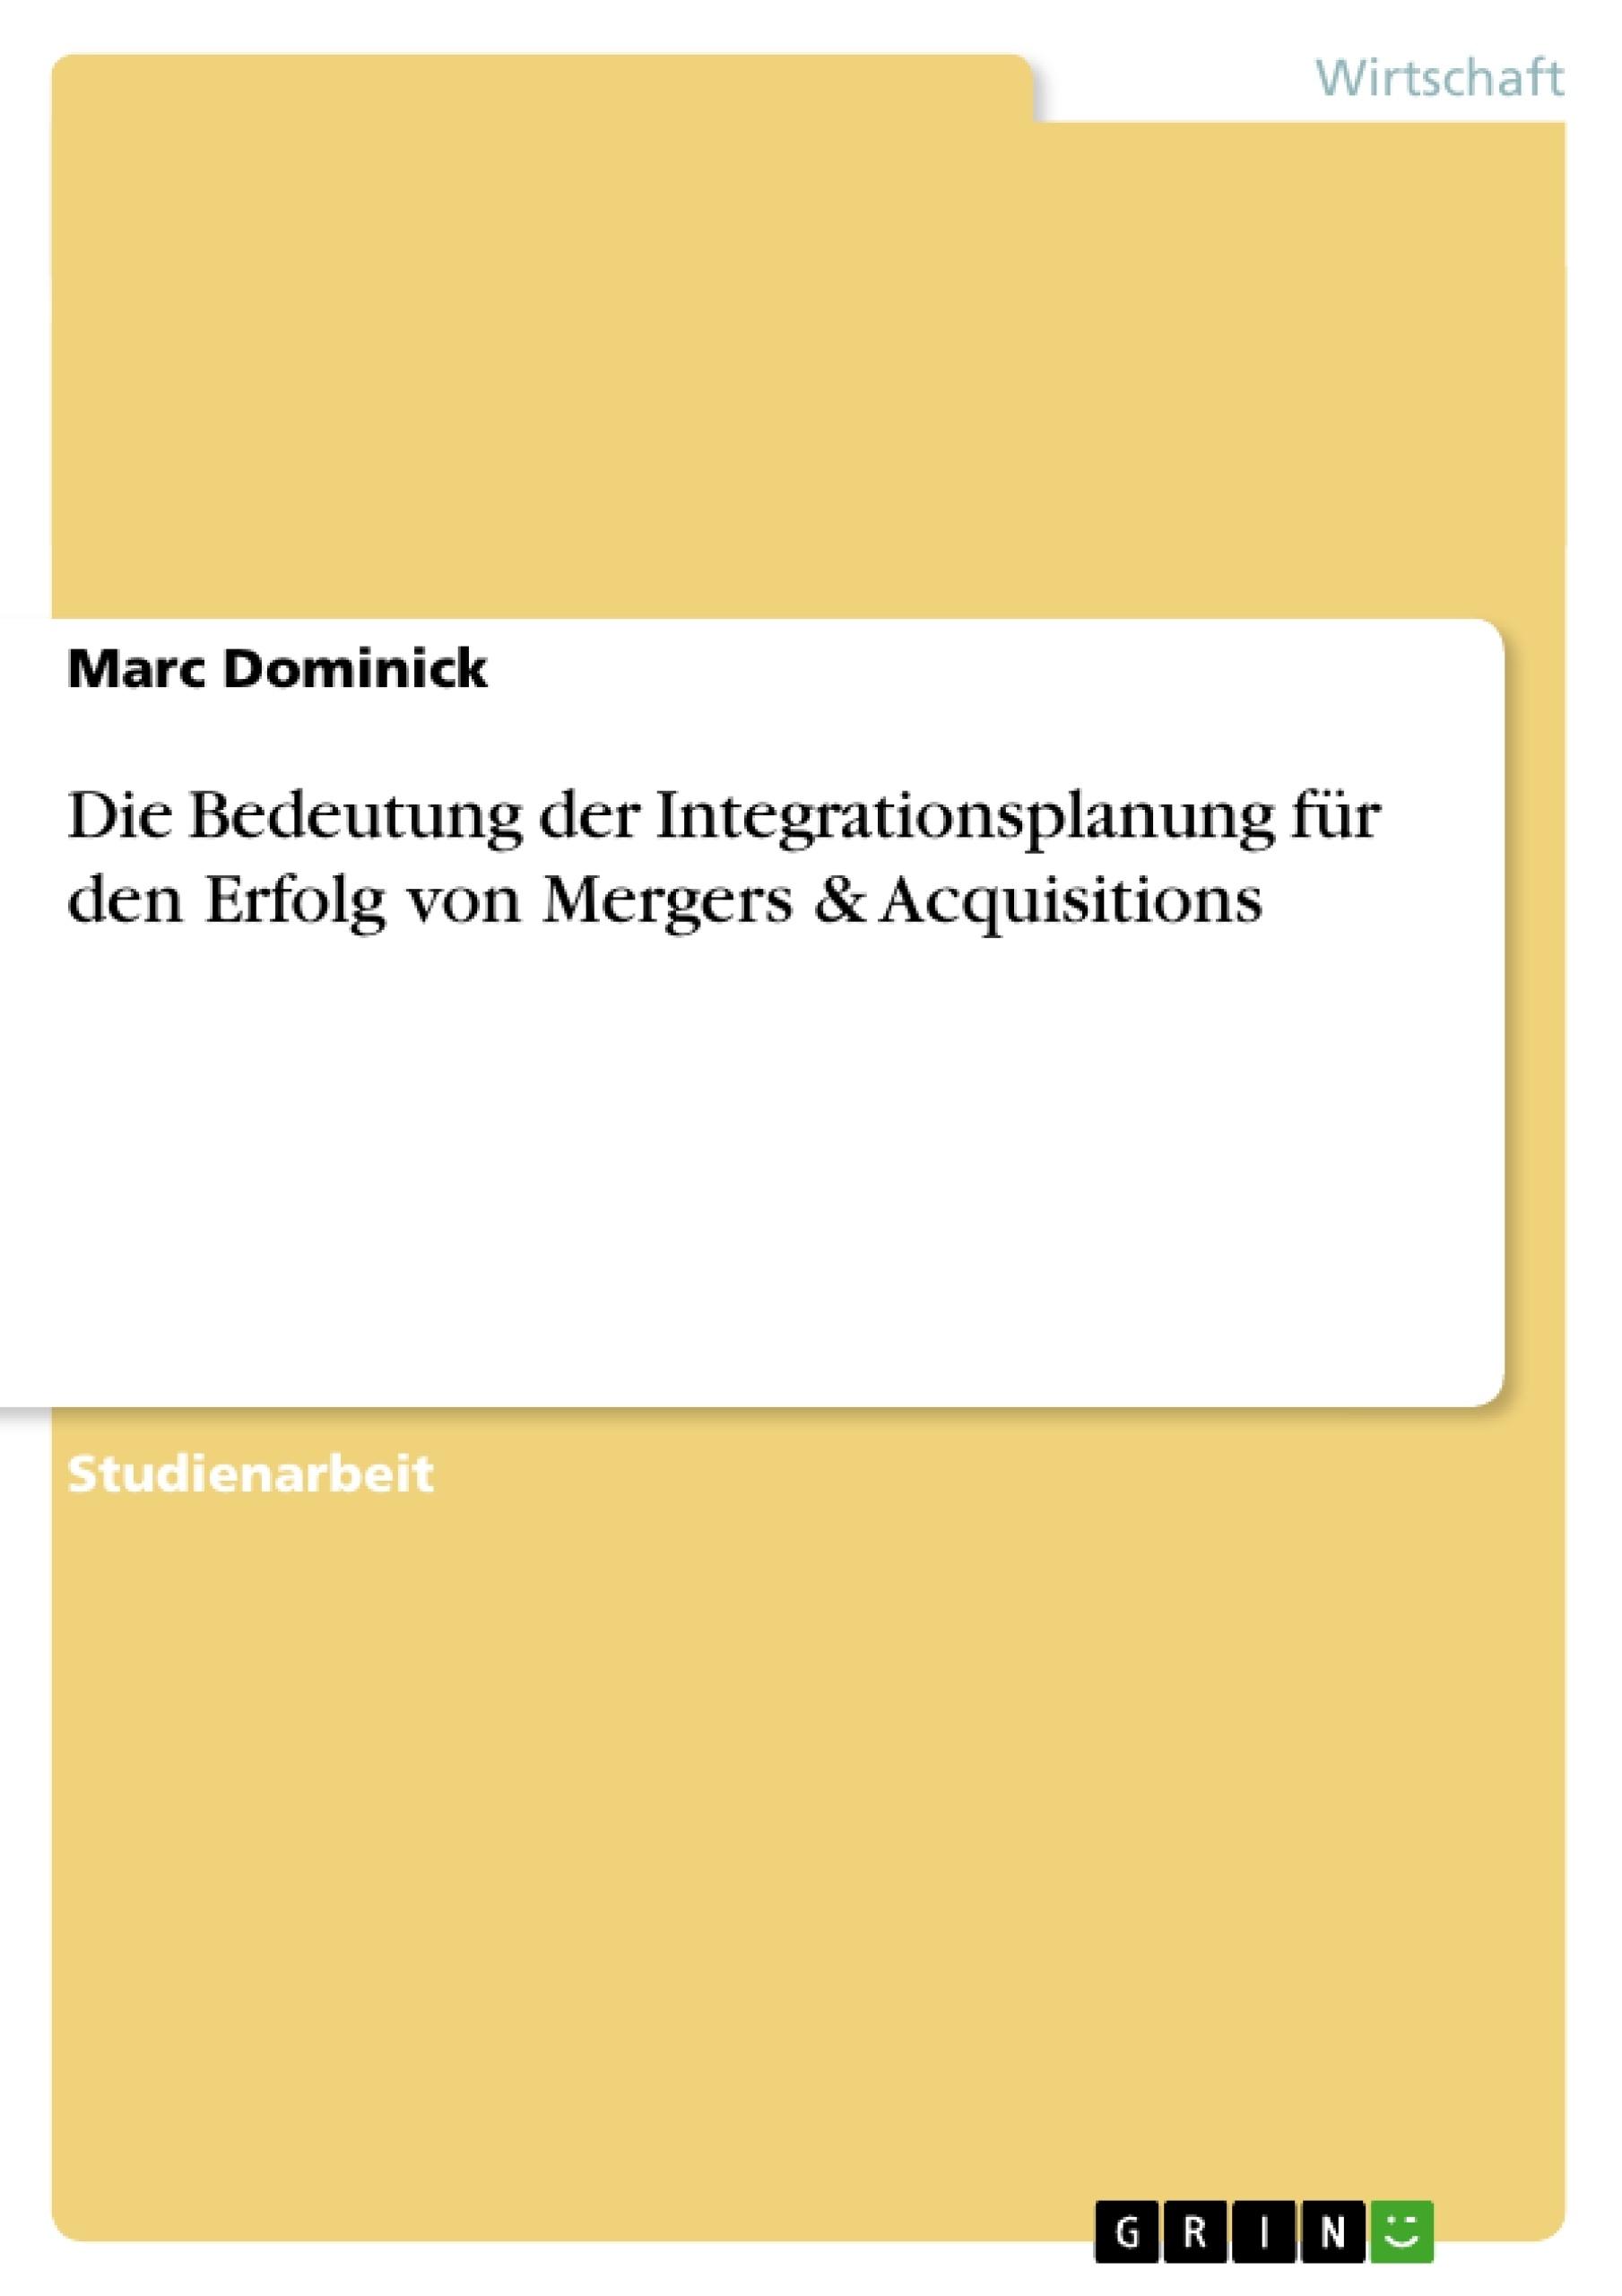 Titel: Die Bedeutung der Integrationsplanung für den Erfolg von Mergers & Acquisitions